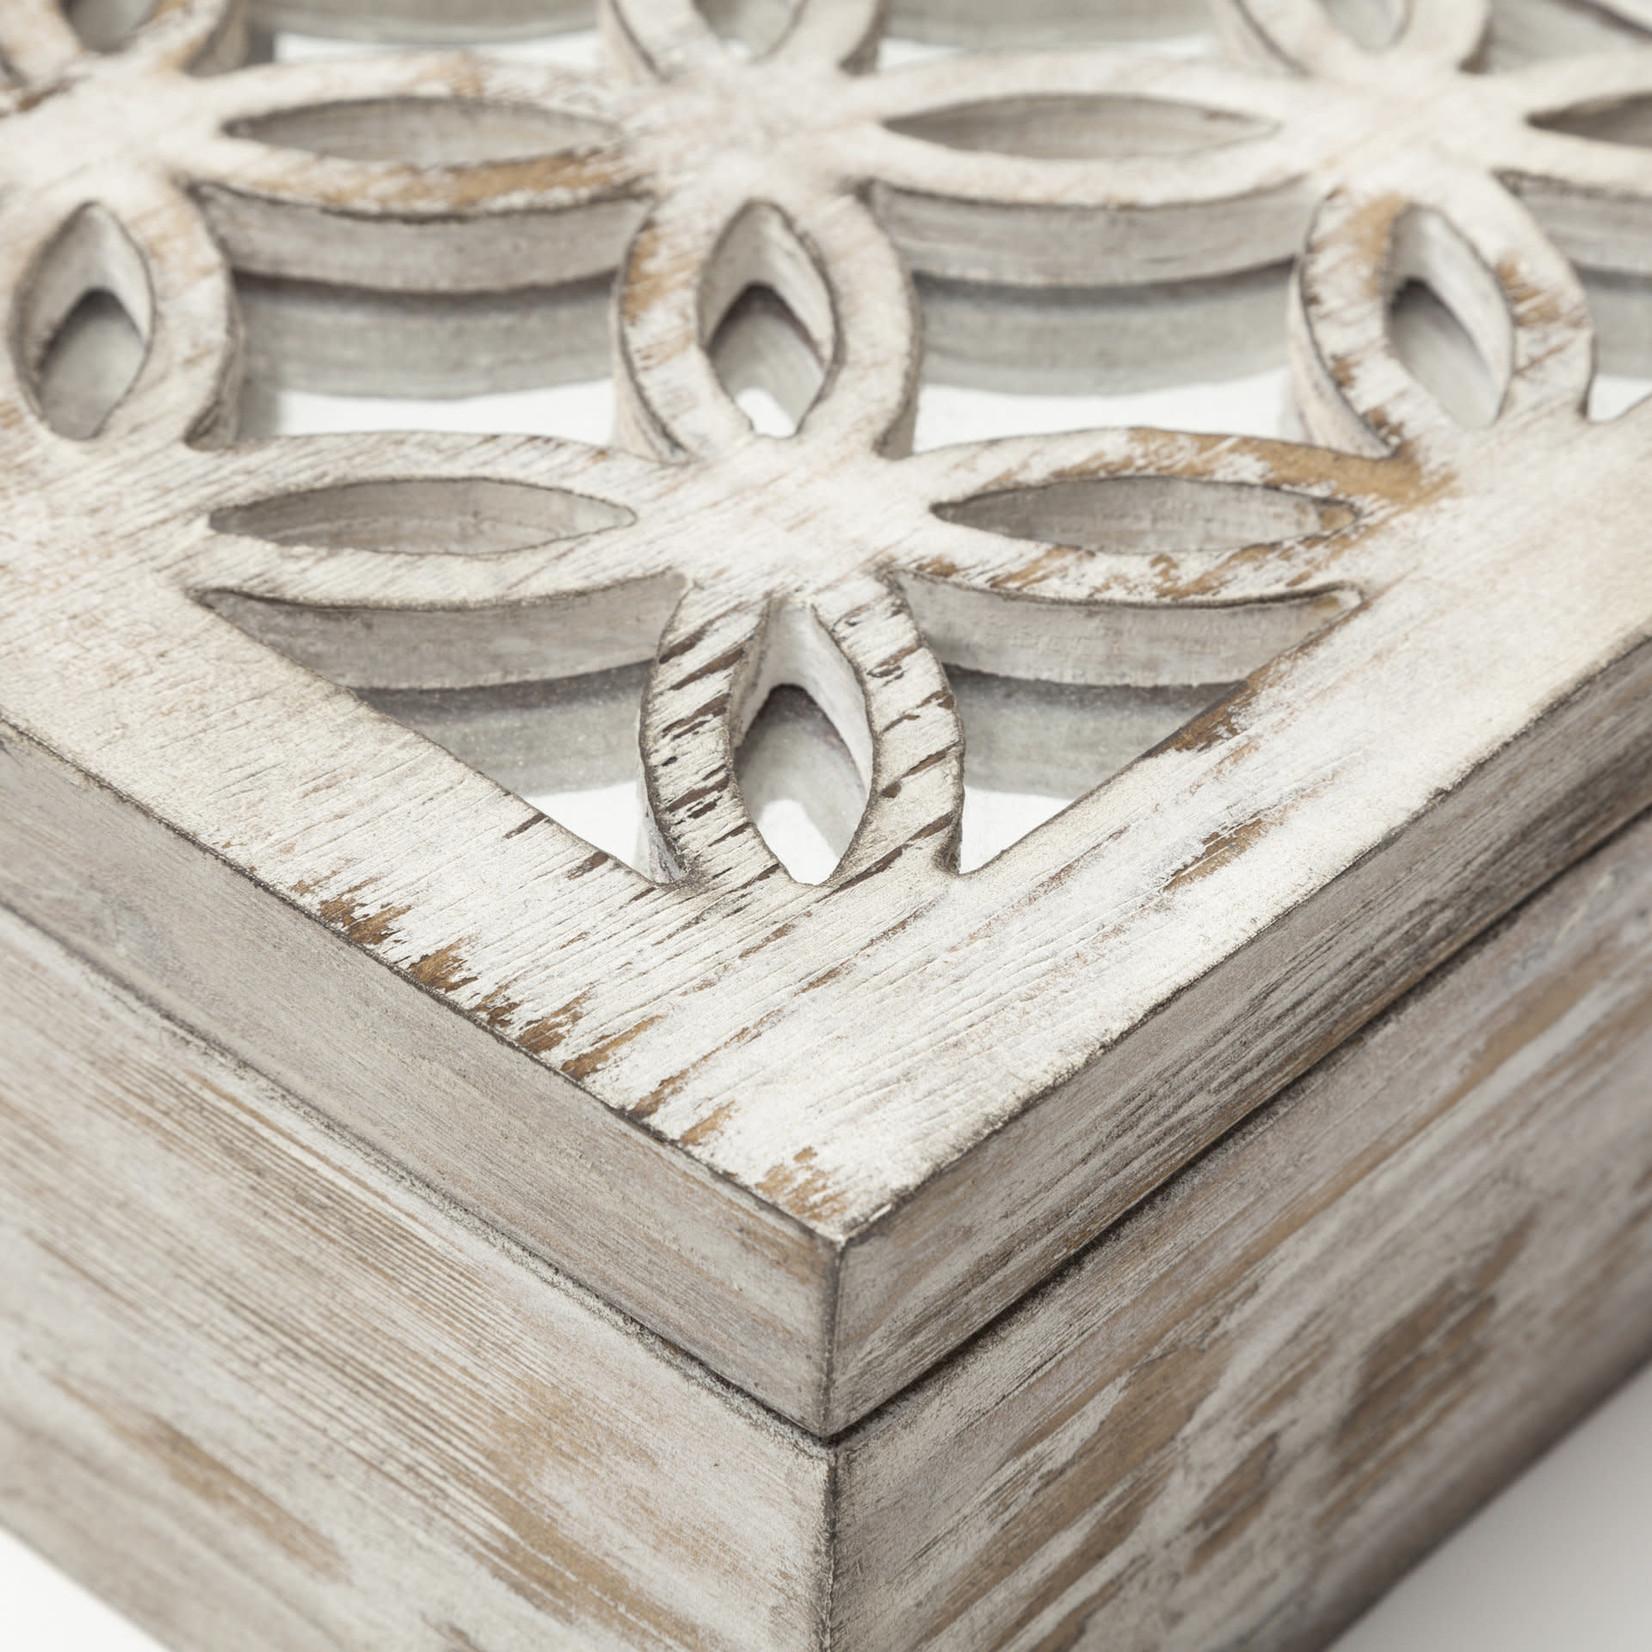 Floribundus Boxes